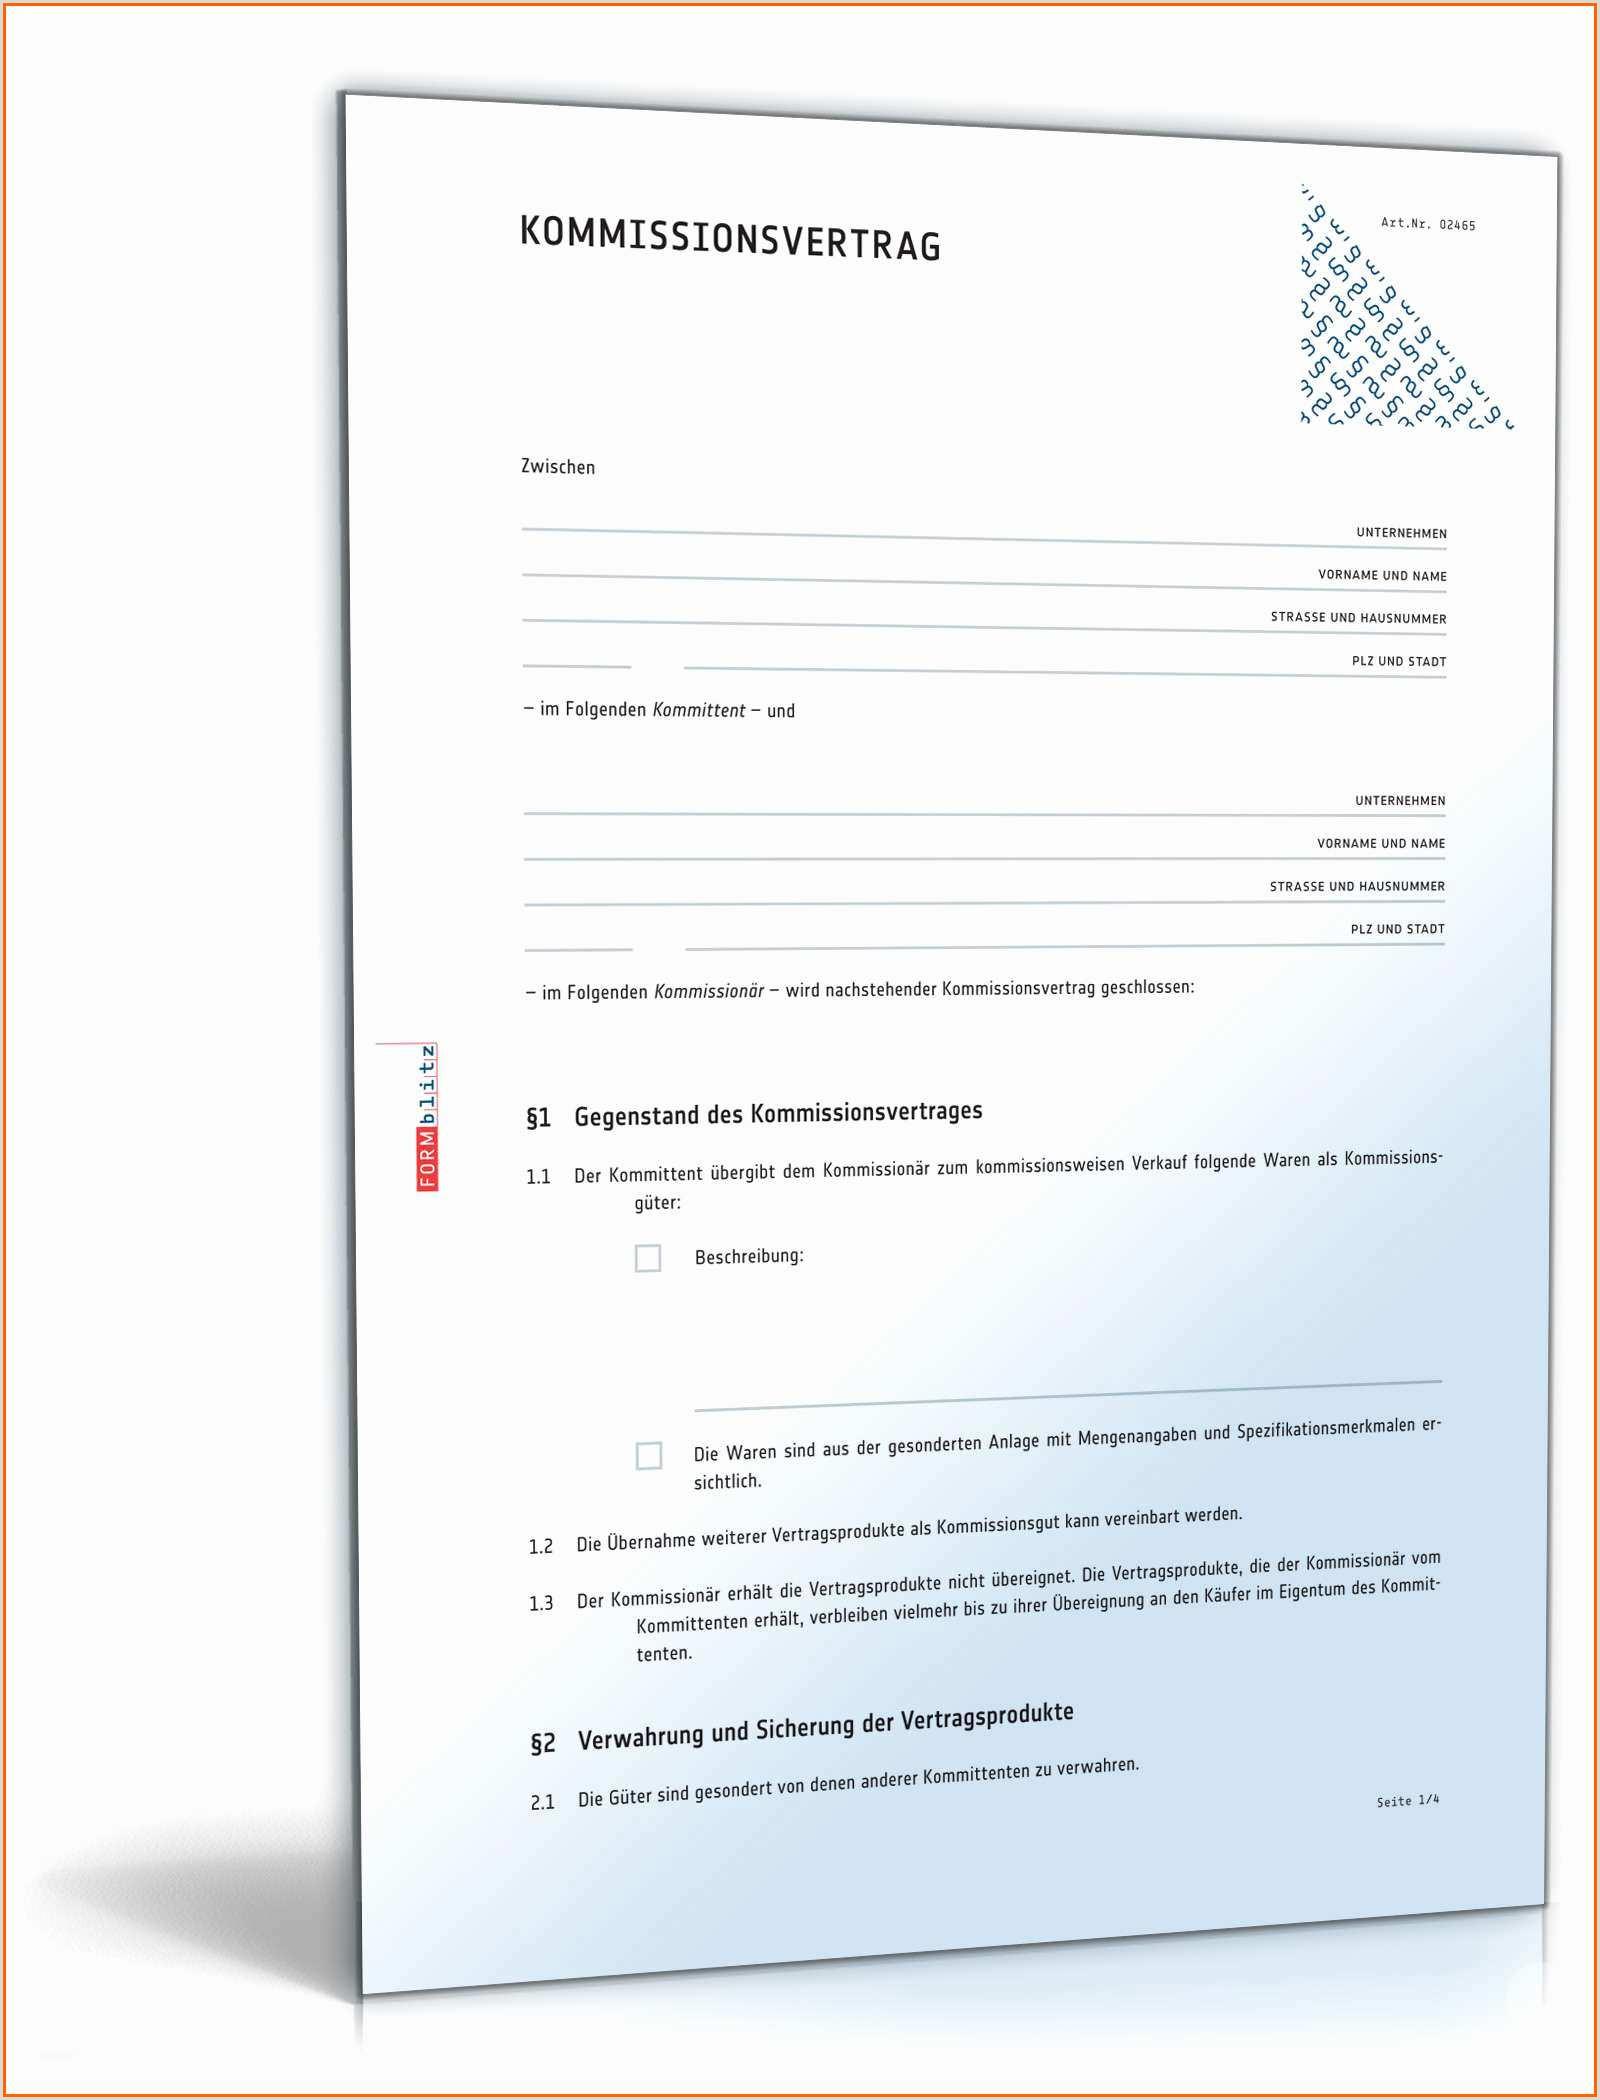 48 Erschwinglich Kommissionsvertrag Vorlage Kostenlos Vorlagen